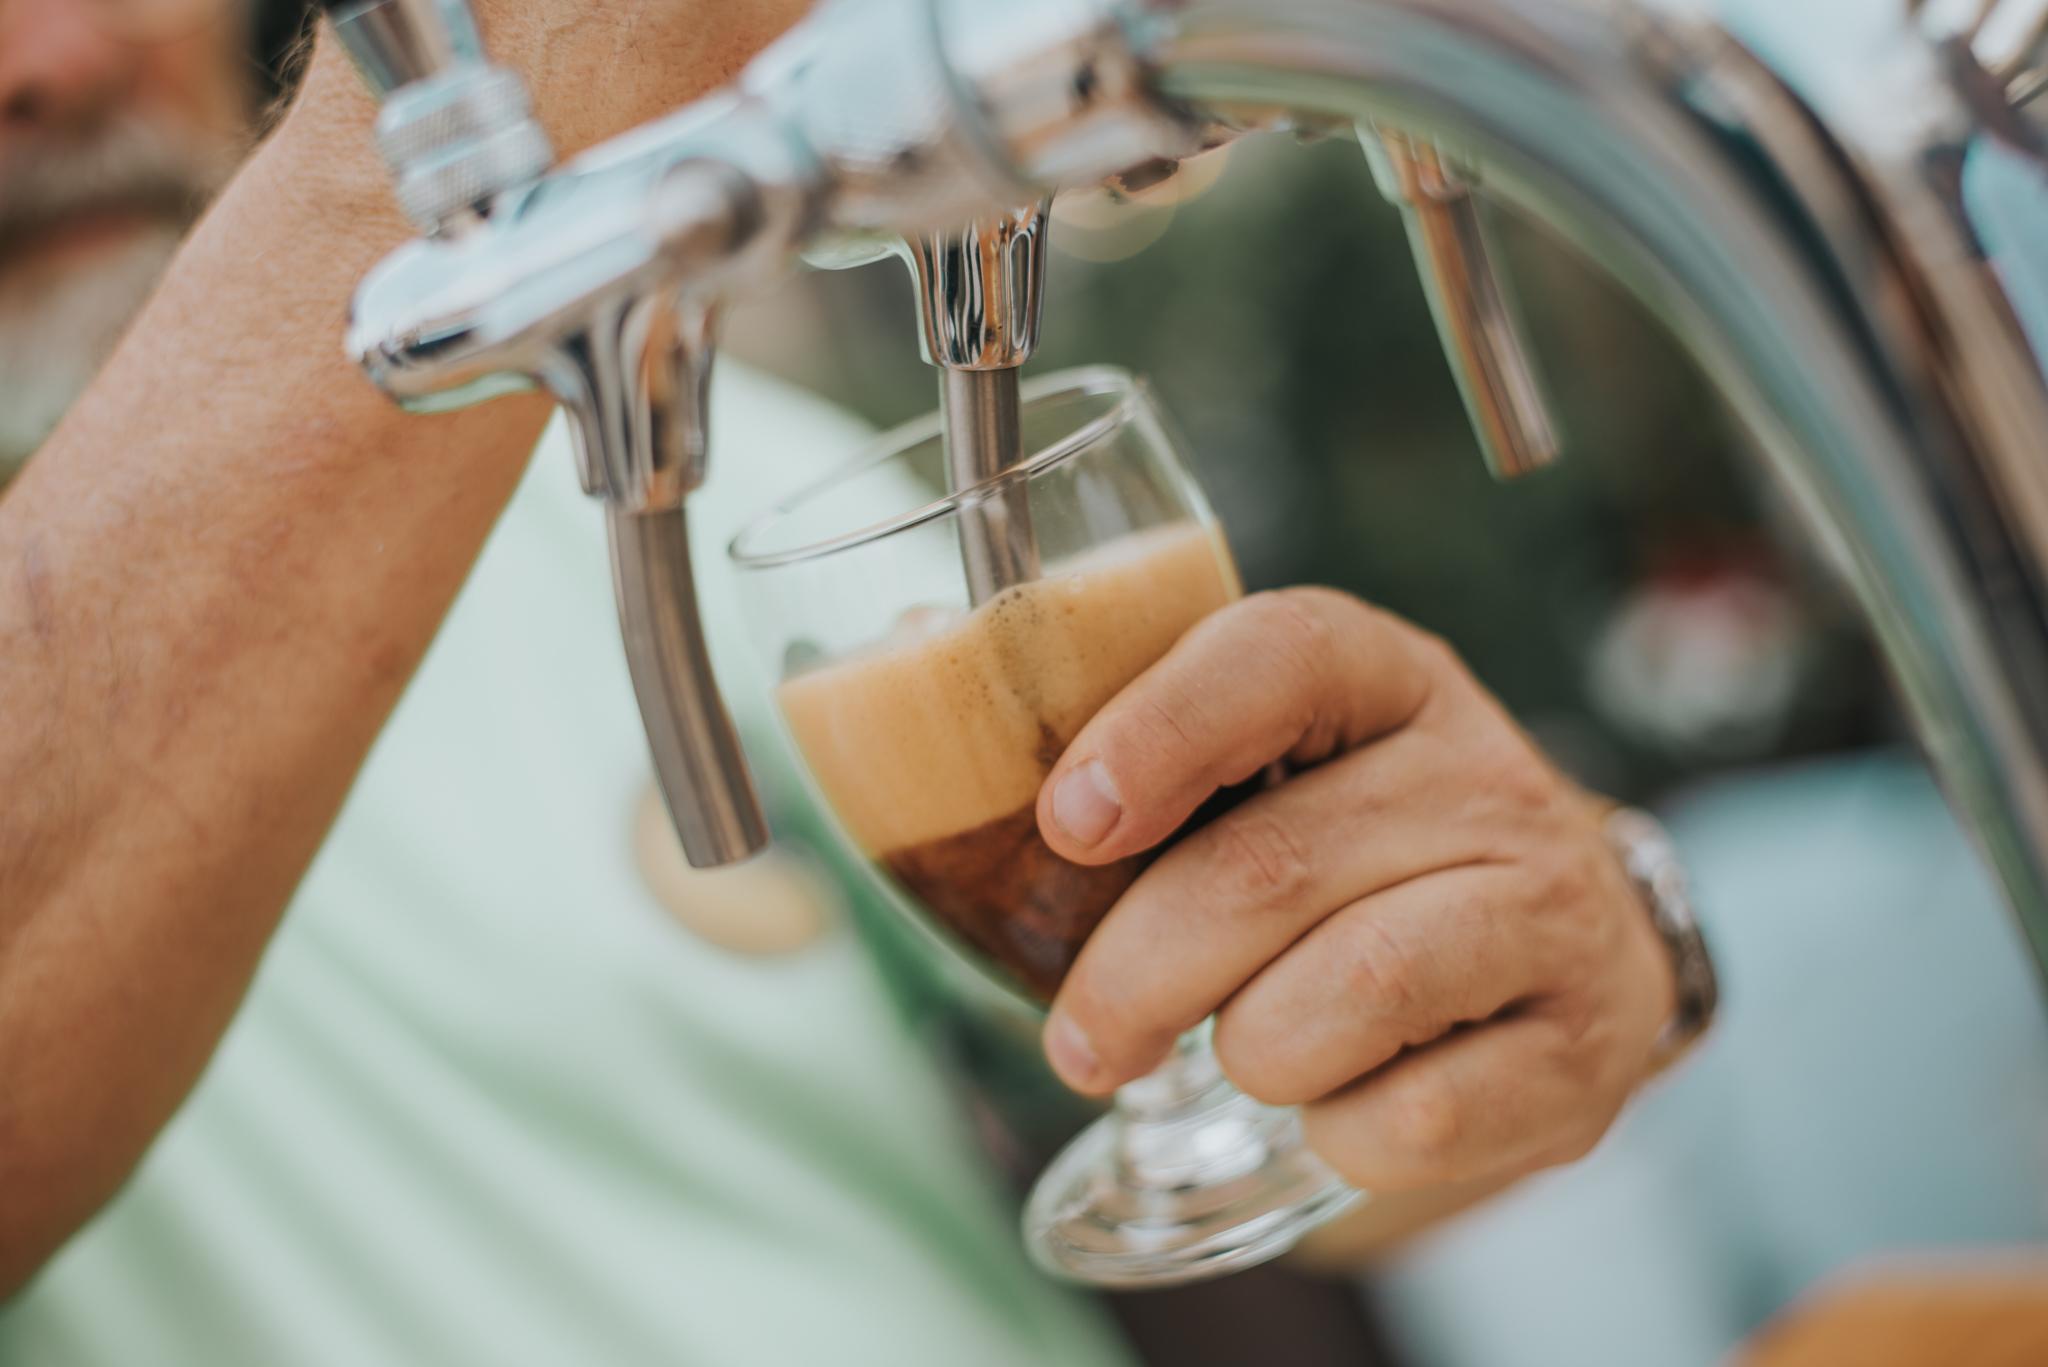 Лето, жара, самое время отправиться на фестиваль пива…